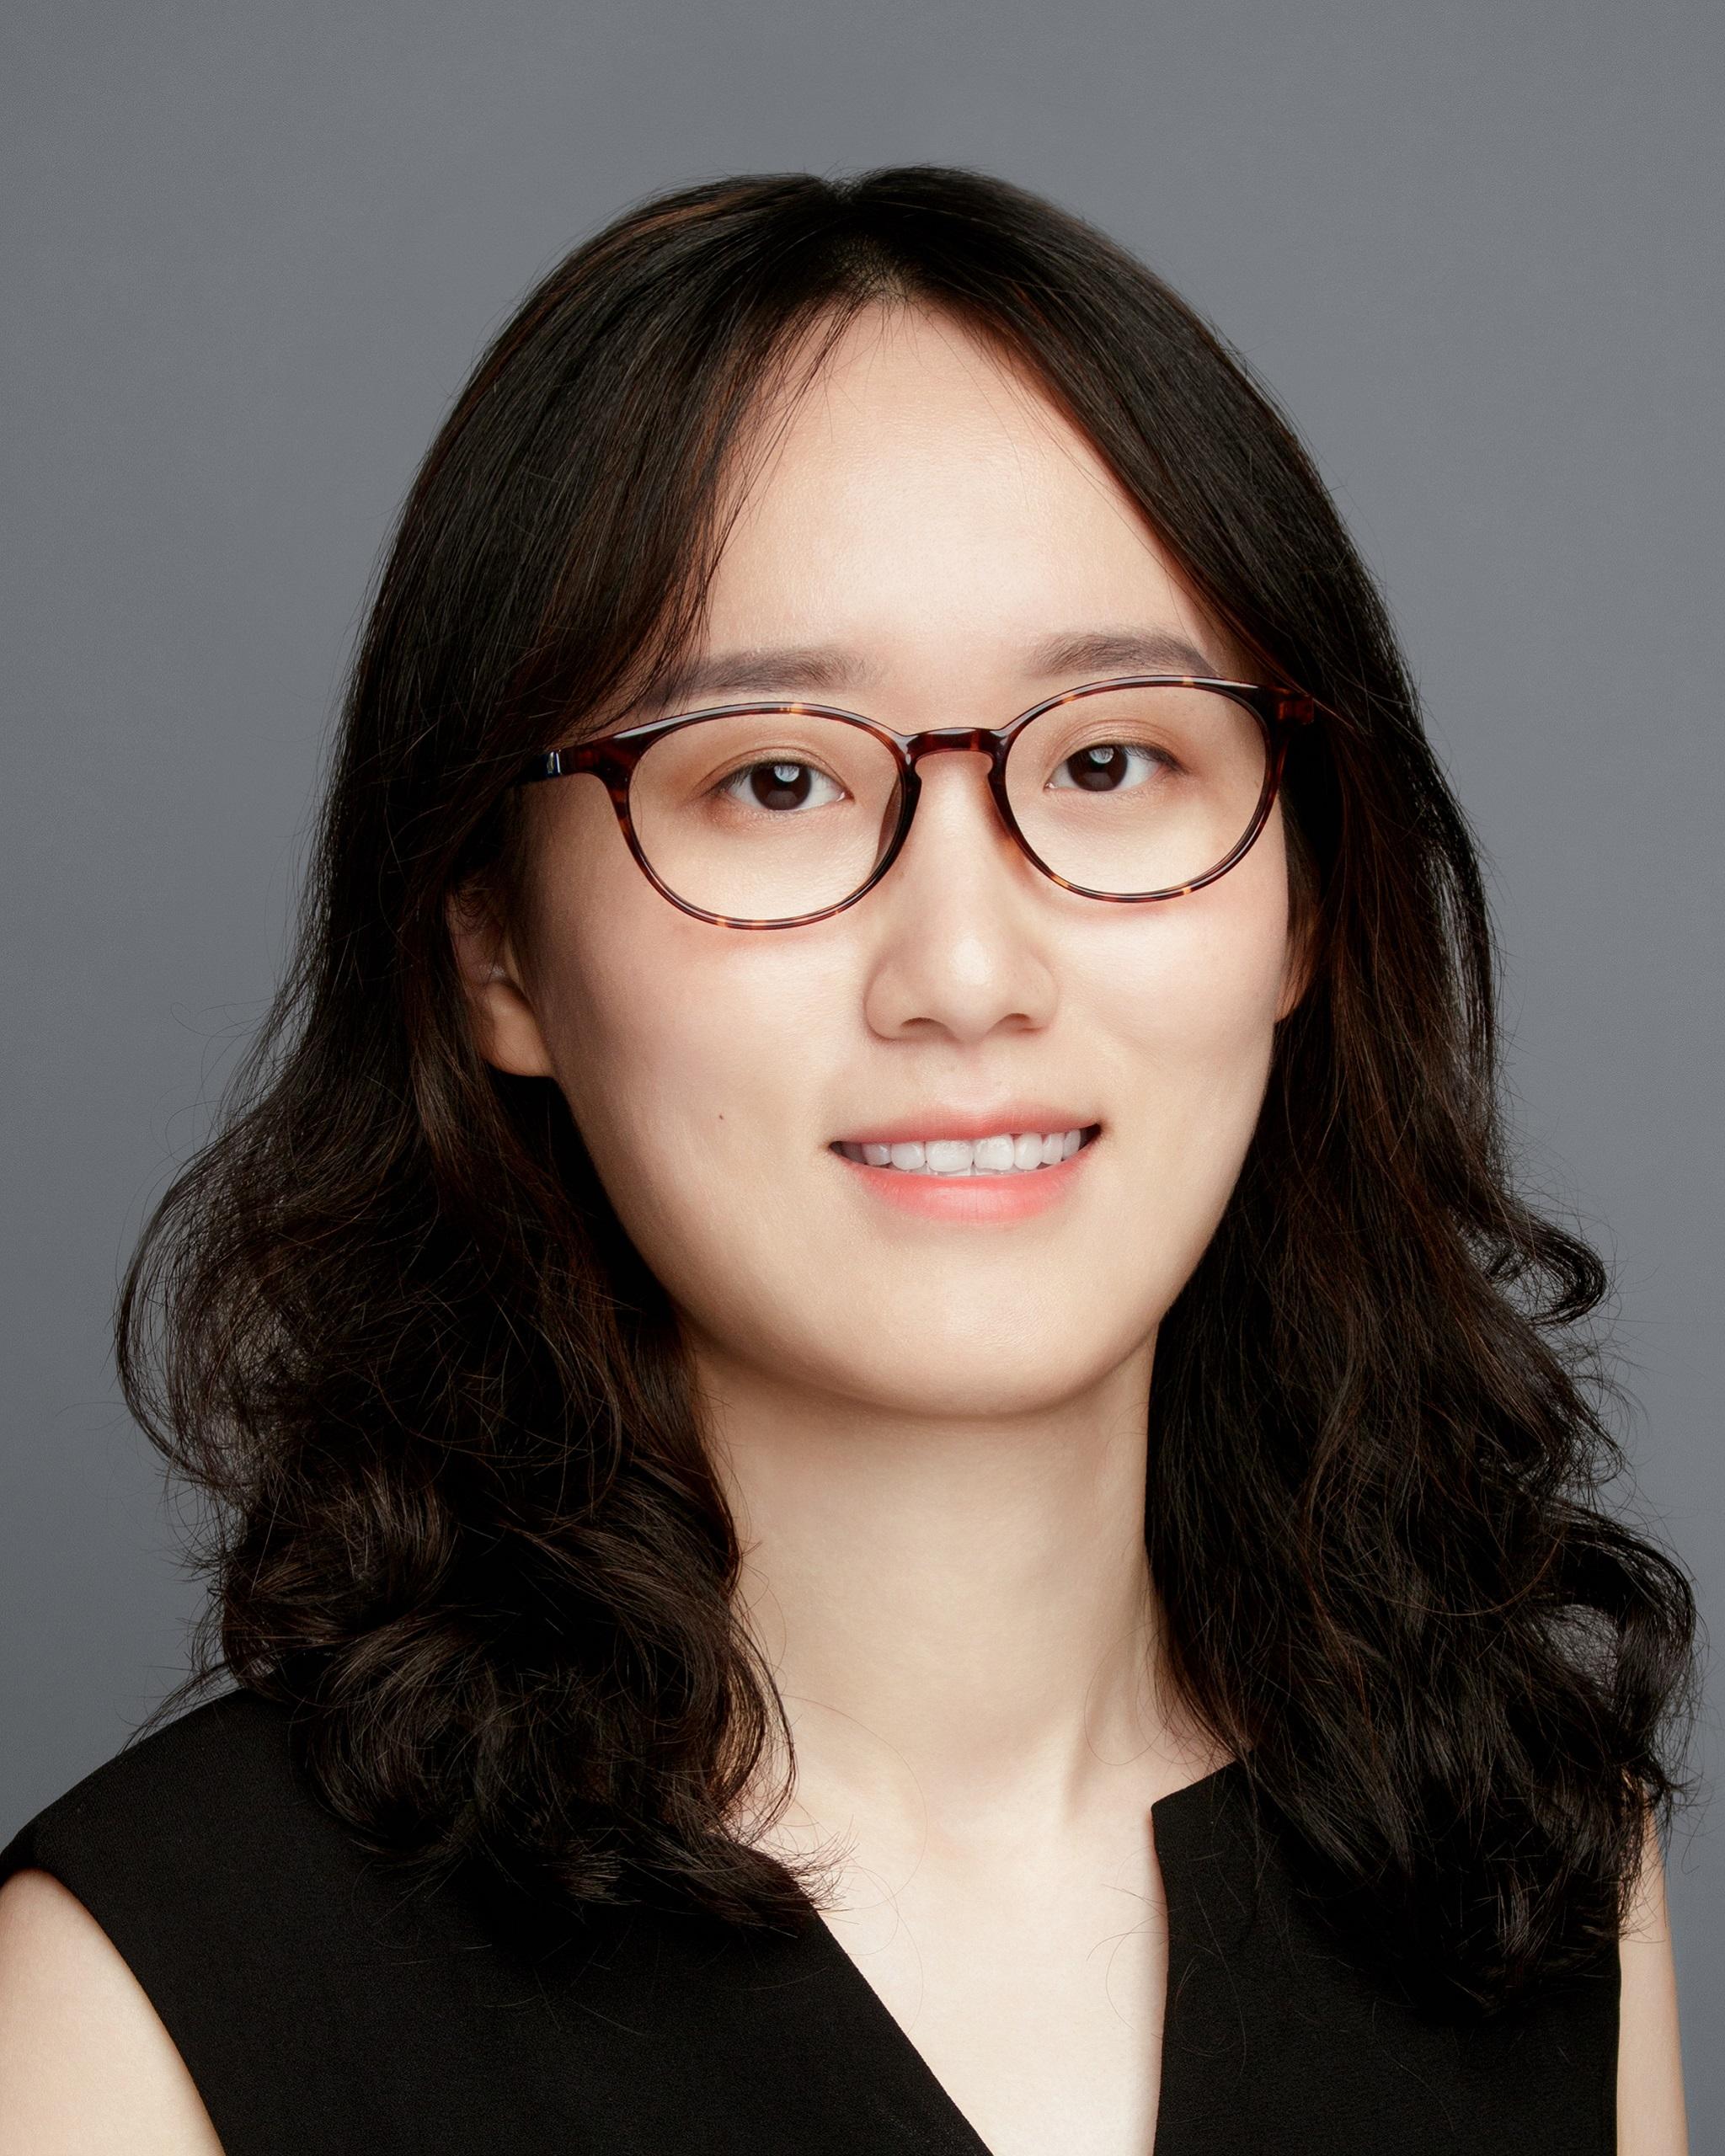 Yiwei Qiang